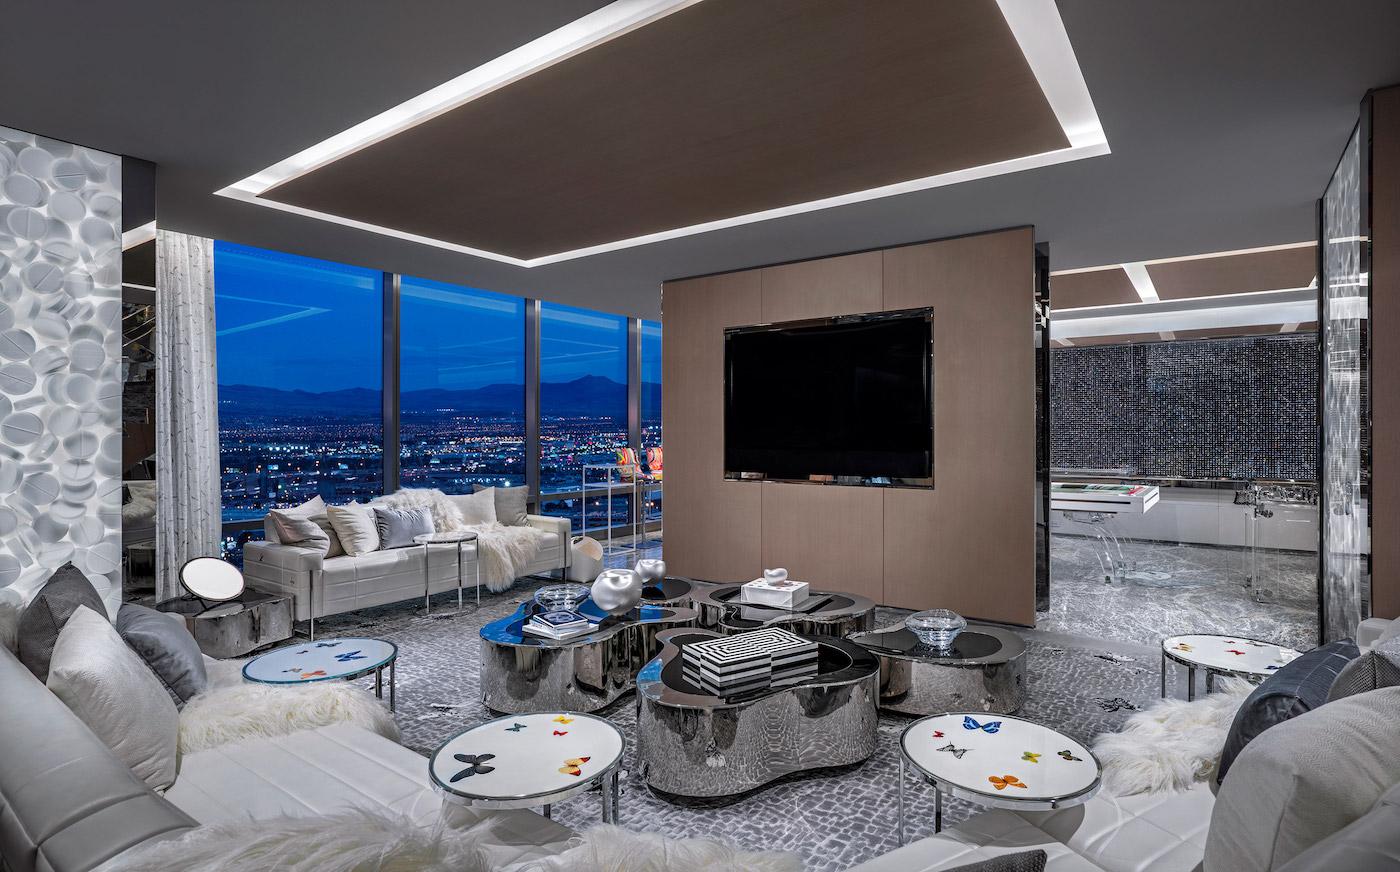 Teuerstes Hotelzimmer Der Welt